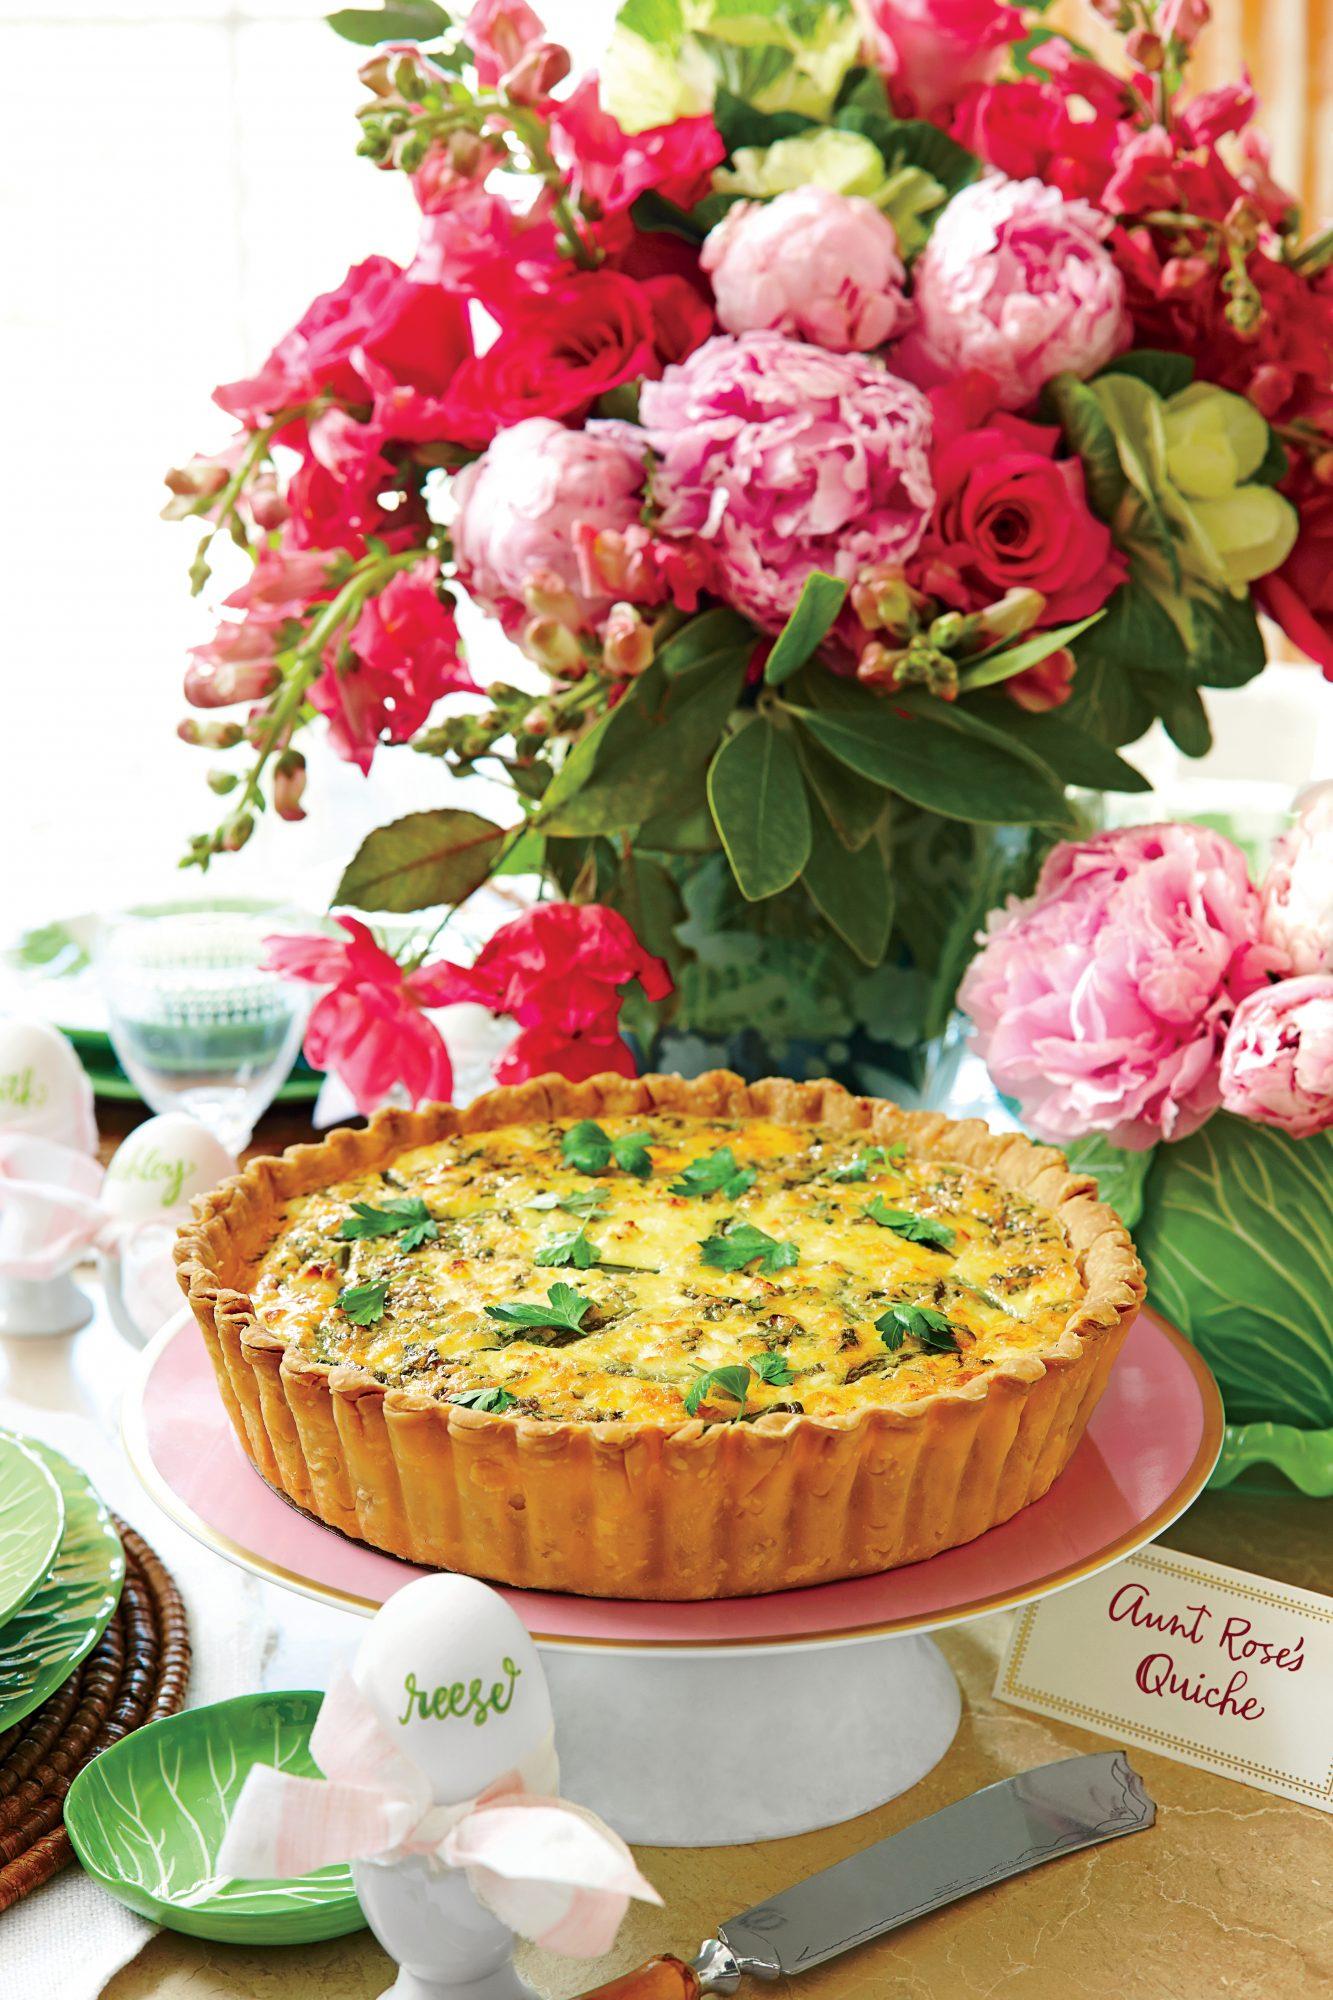 Asparagus, Spring Onion, and Feta Quiche